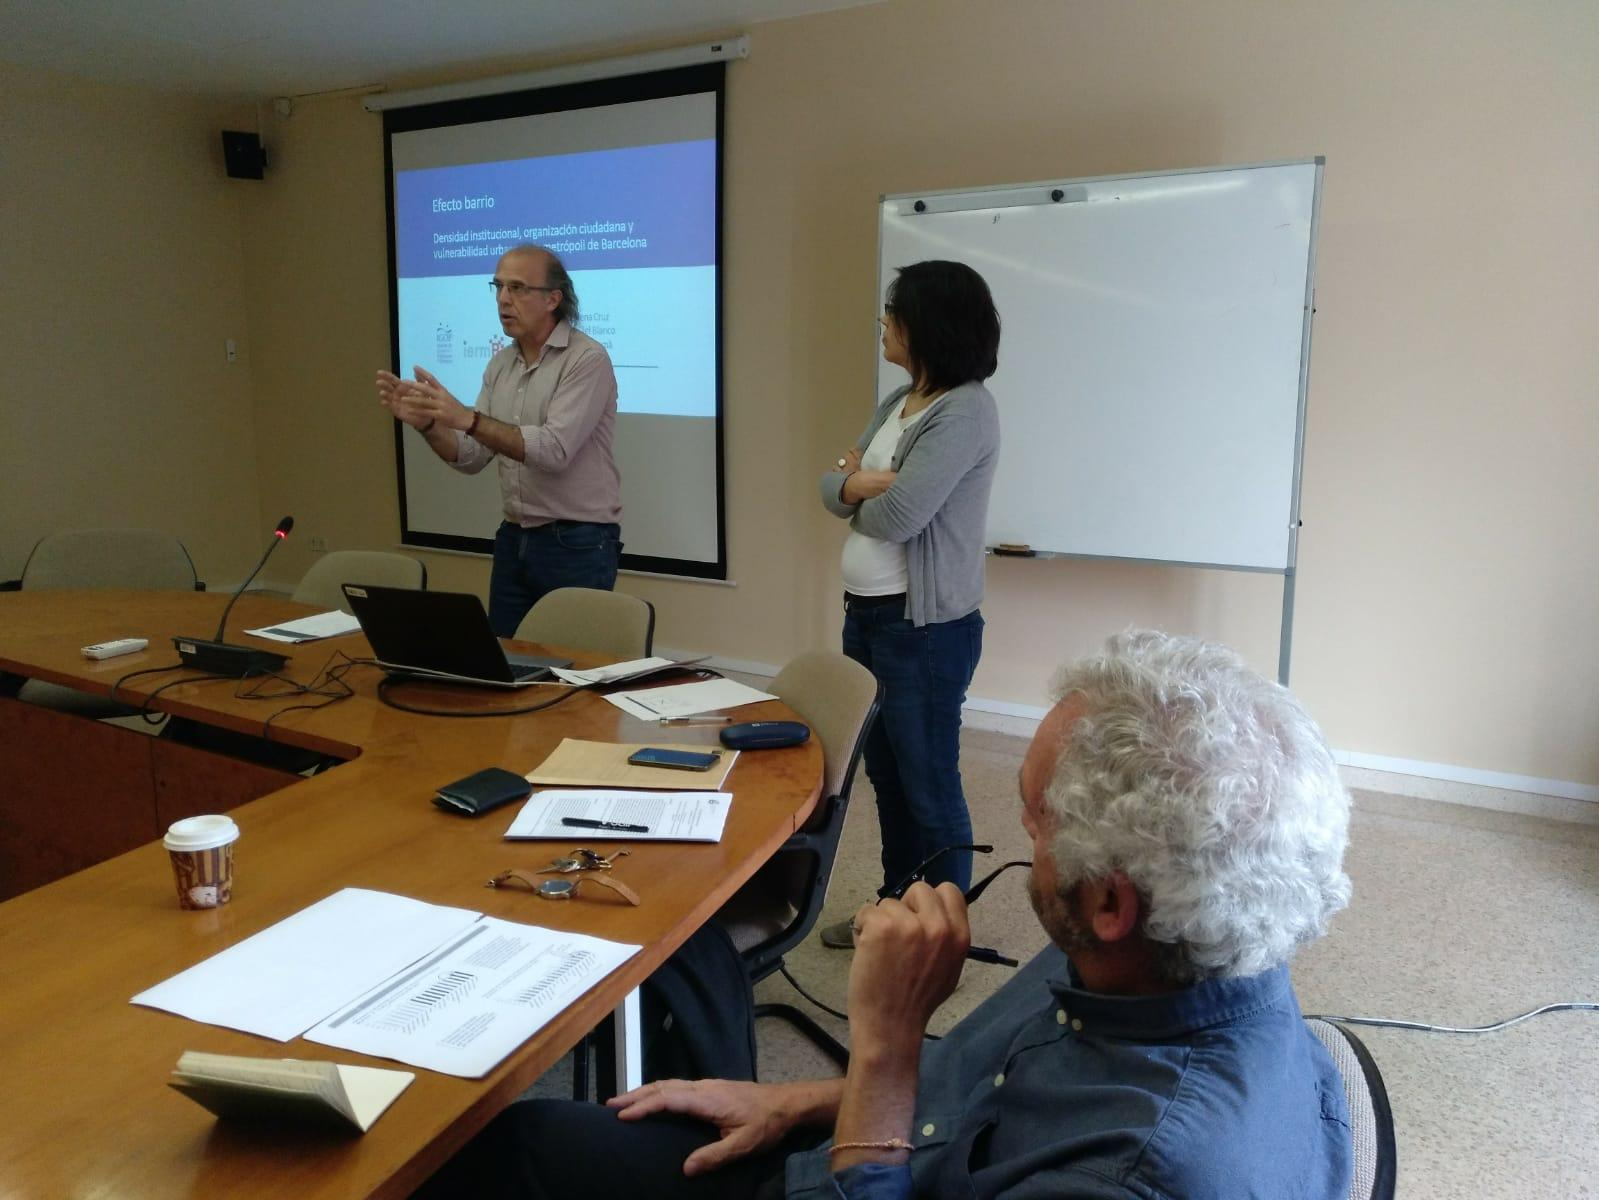 Ricard Gomà y Helena Cruz, del Instituto de Estudios Regionales y Metropolitanos de Barcelona, han presentado 'Asociacionismo ciudadano, capital social y segregación urbana'